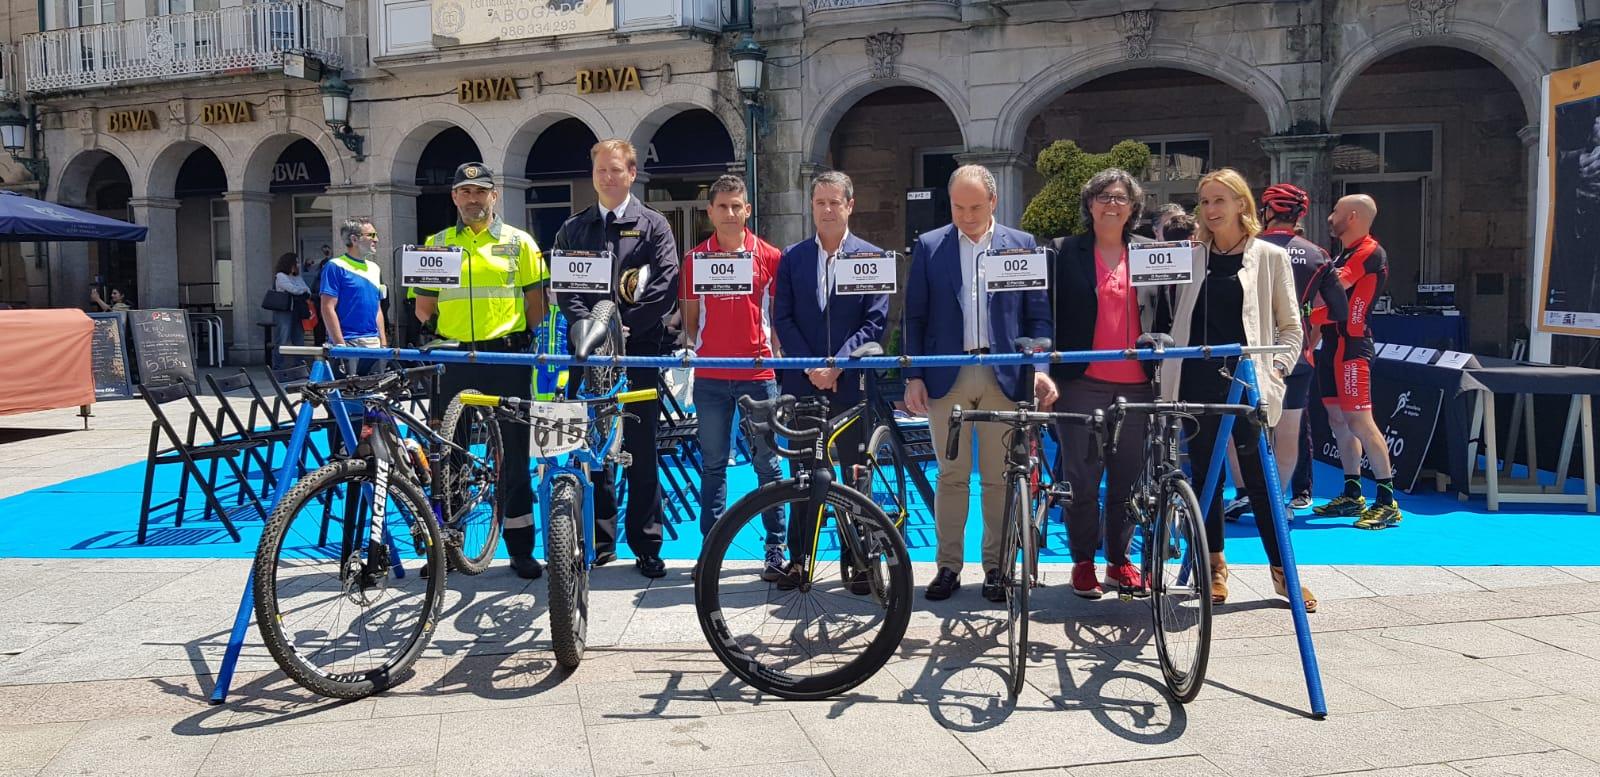 Máis de 200 triatletas tomarán a saída o vindeiro sábado, día 26 de maio, no VI Triatlón Concello do Porriño